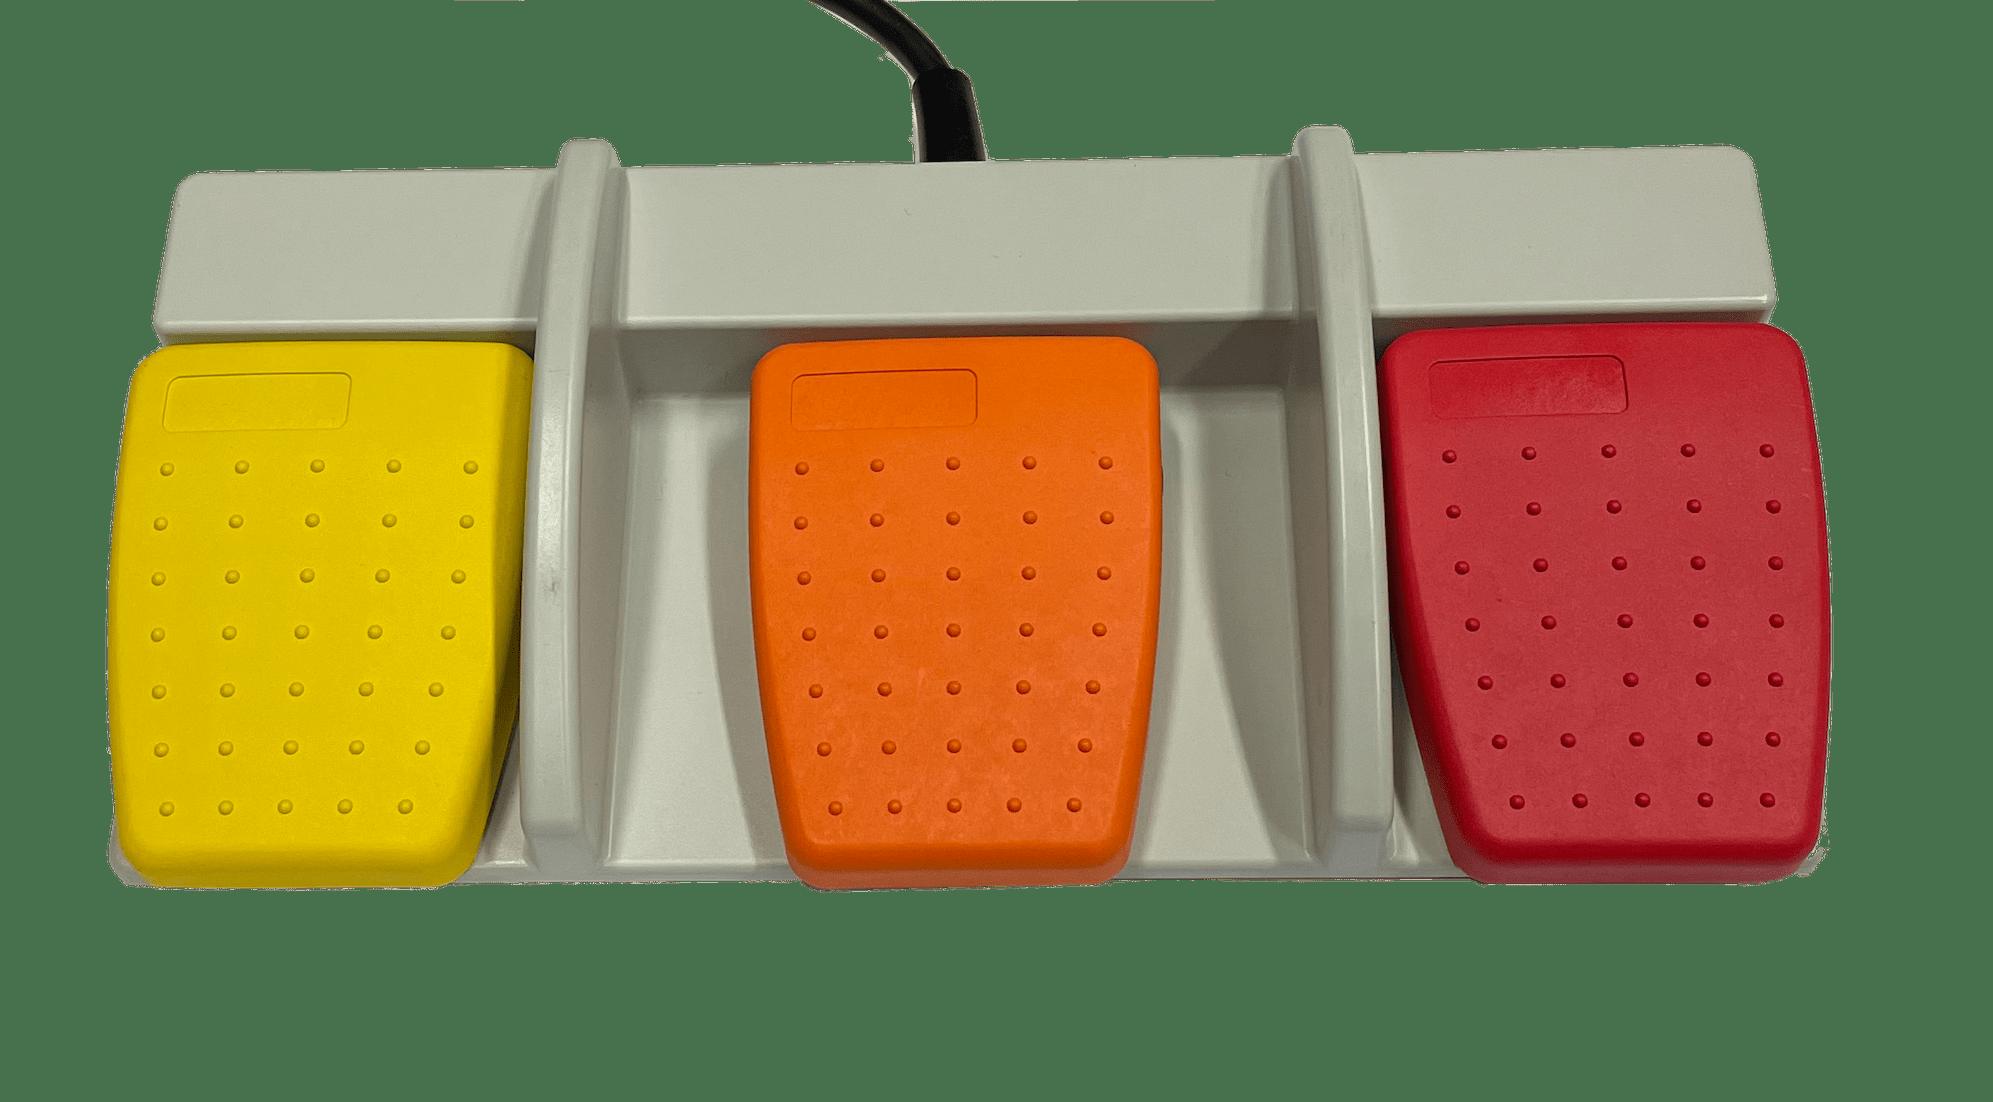 commande 3 pédales fonctions orange jaune rouge